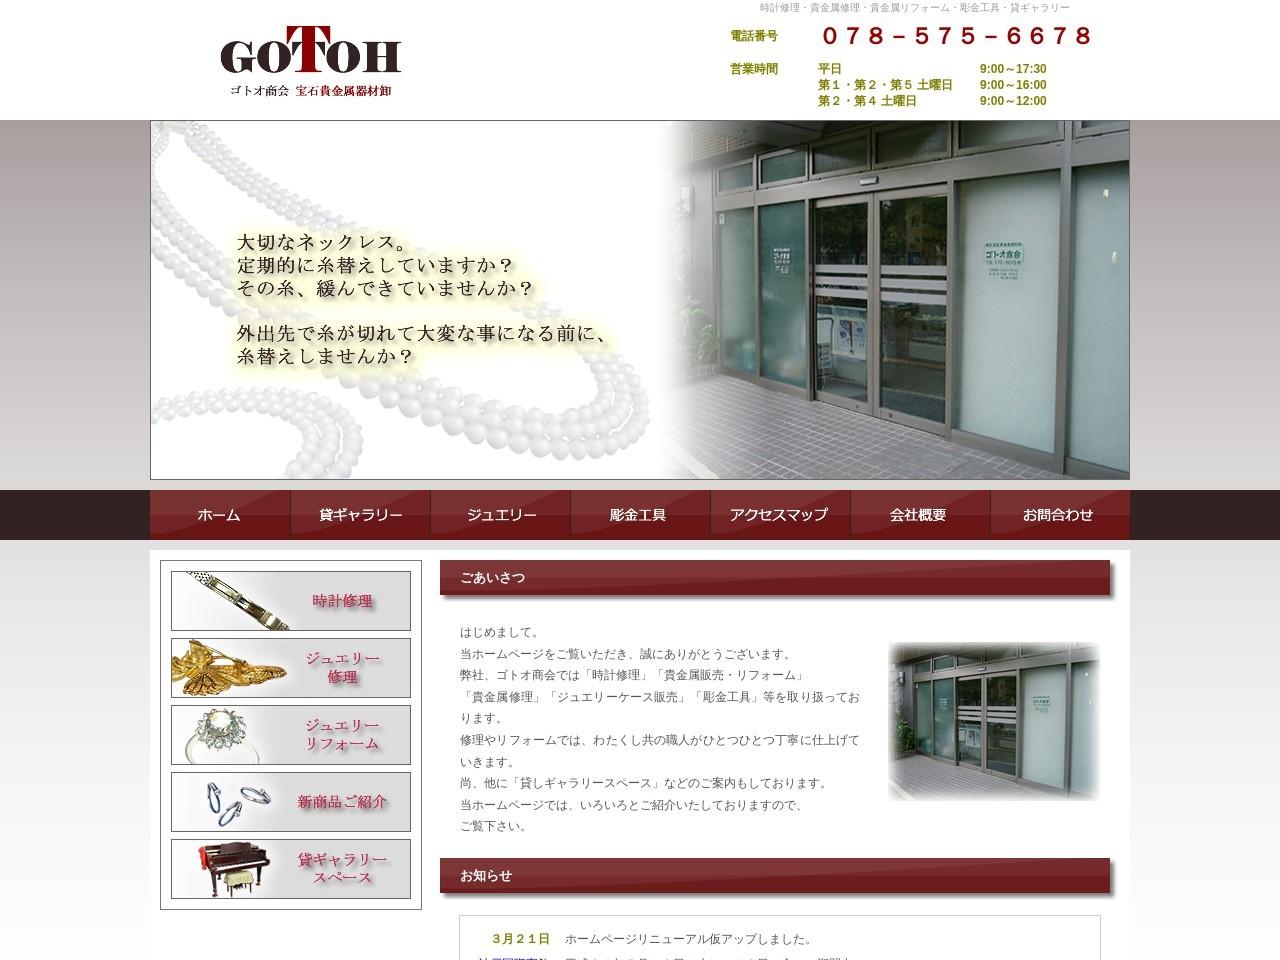 神戸で貴金属のリフォーム・修理・彫金工具の事ならゴトオ商会 | トップ